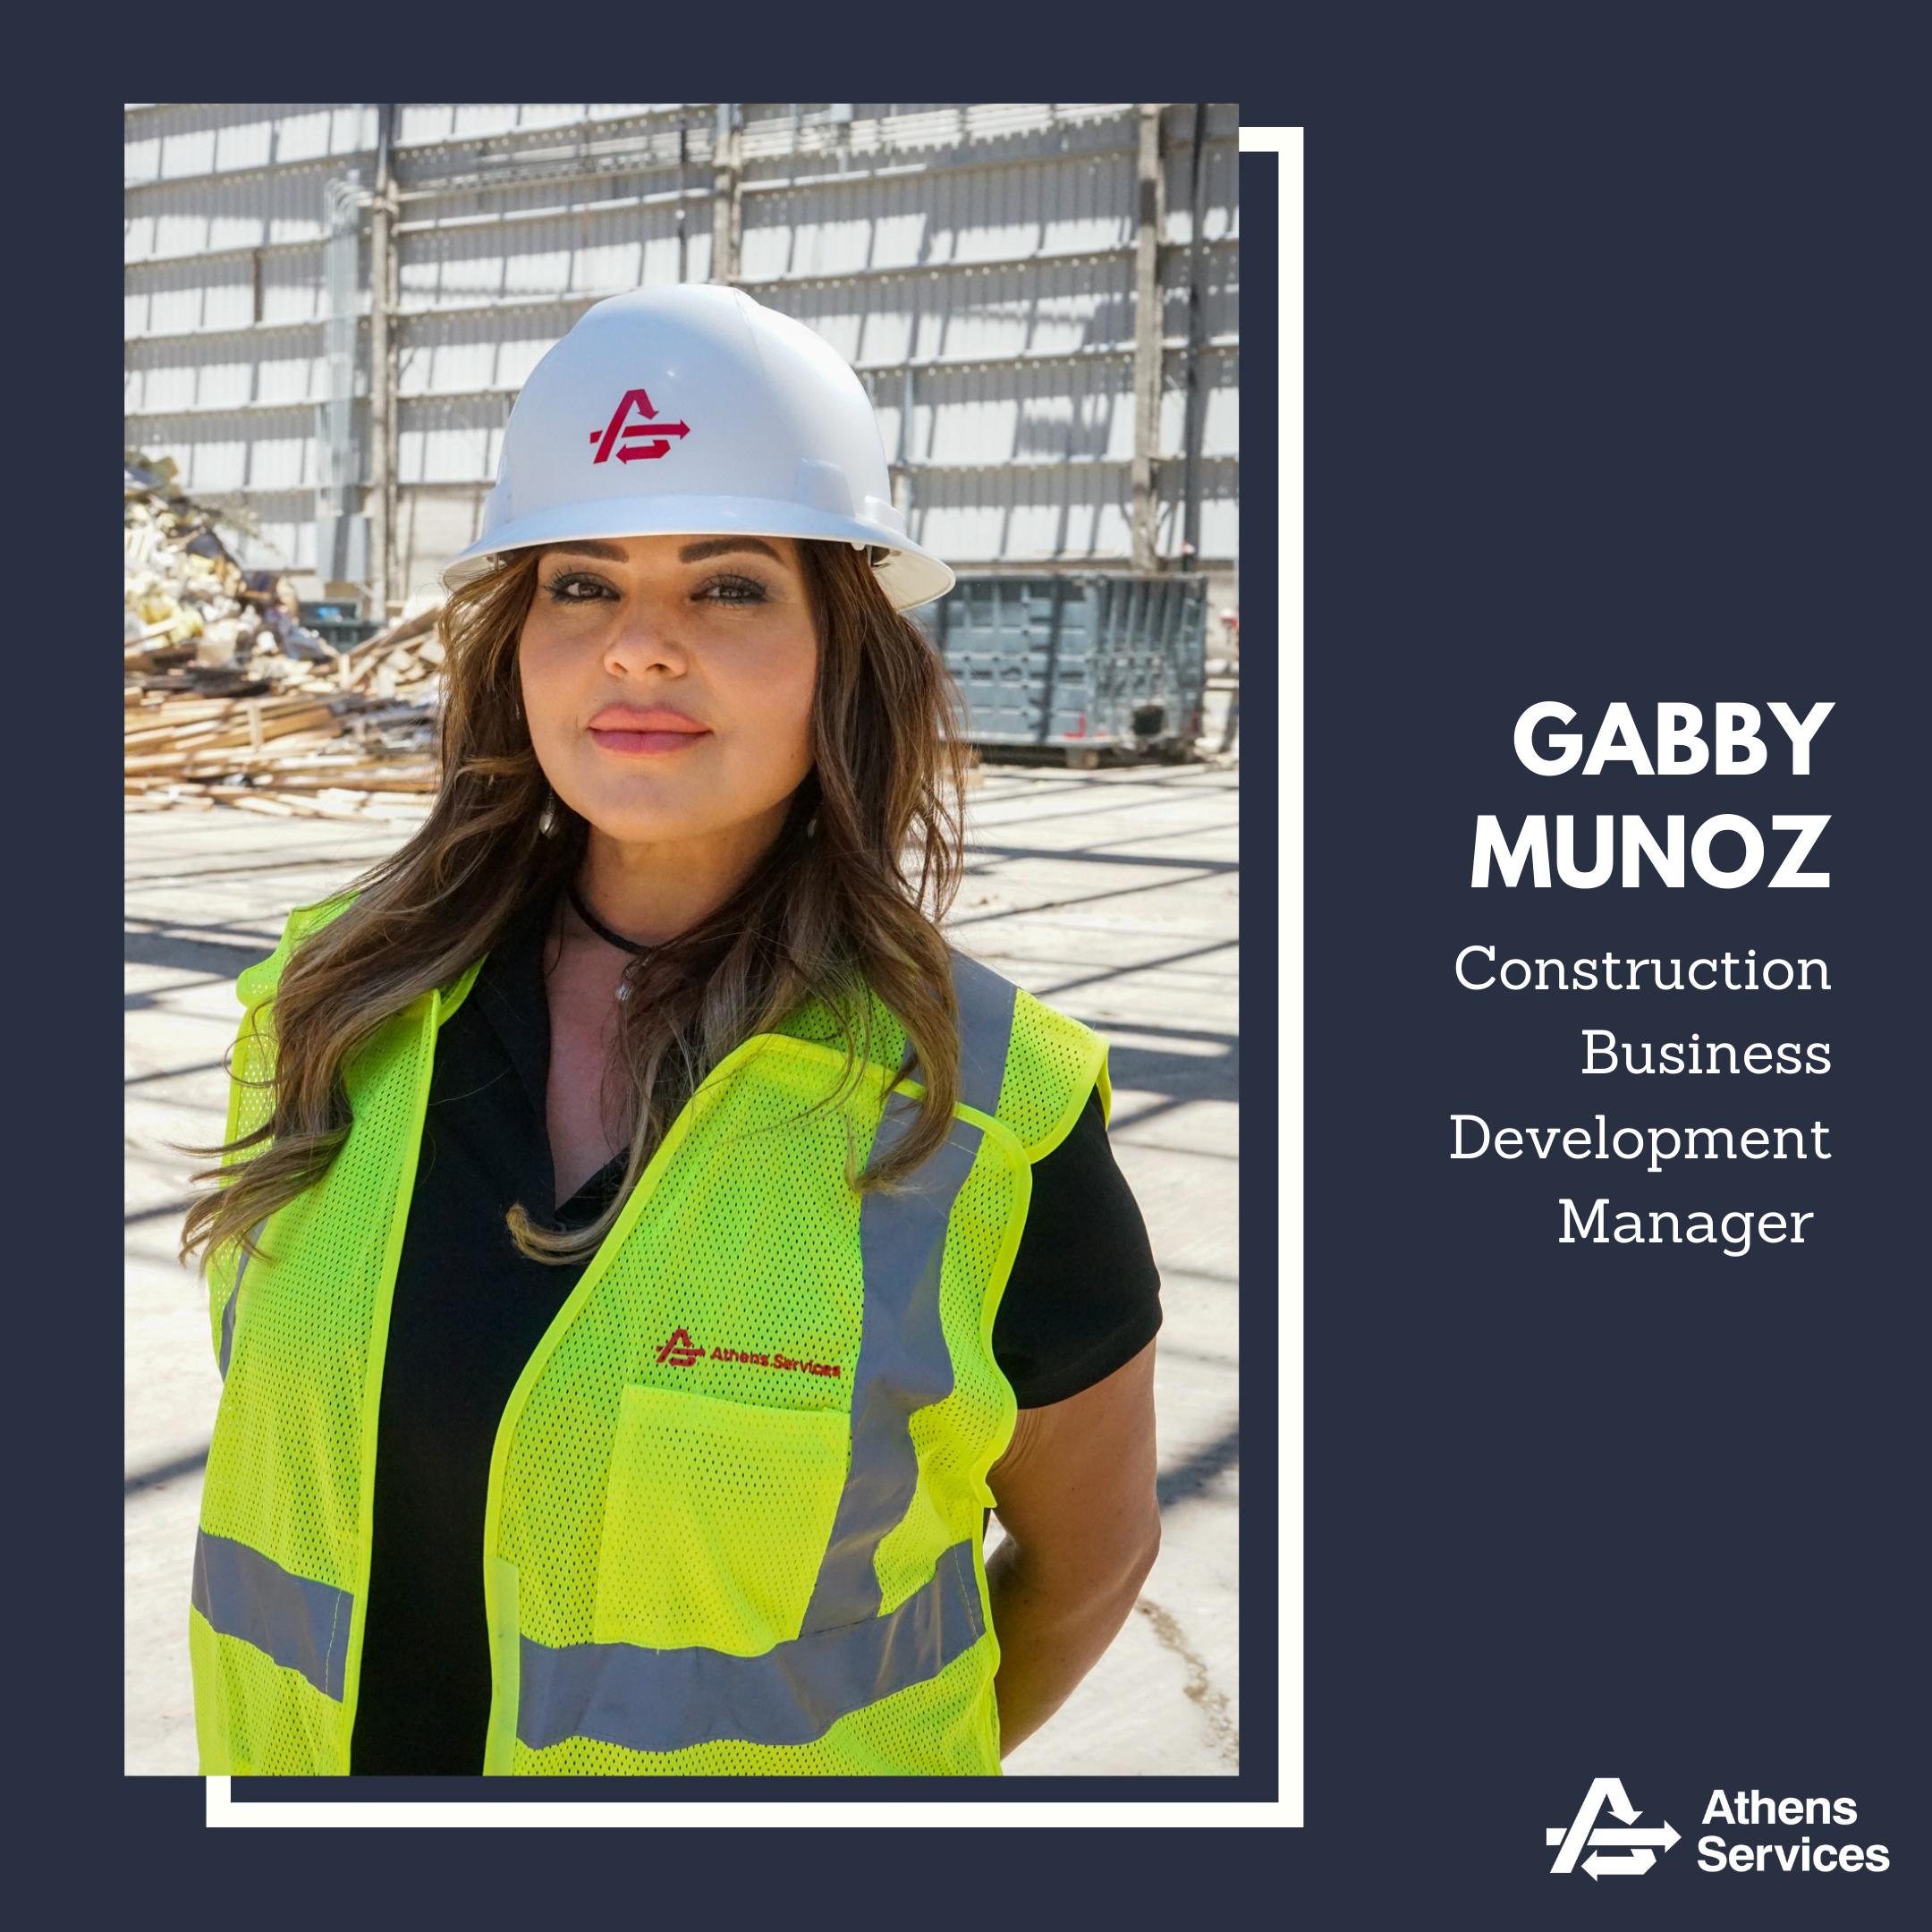 Gabby Munoz